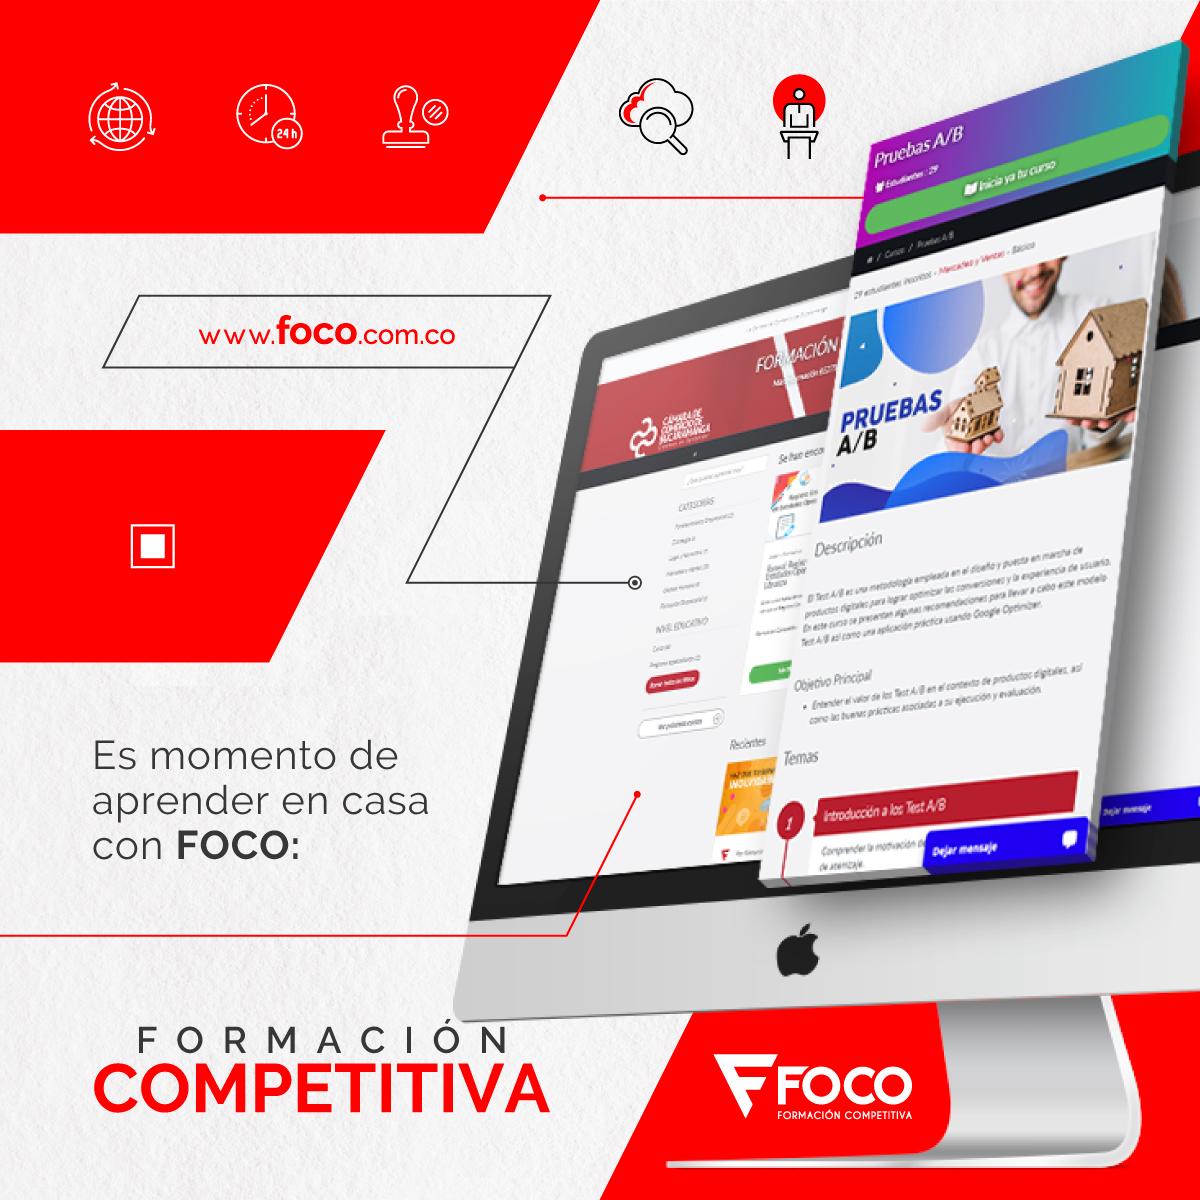 FORMACIÓN COMPETITIVA - FOCO